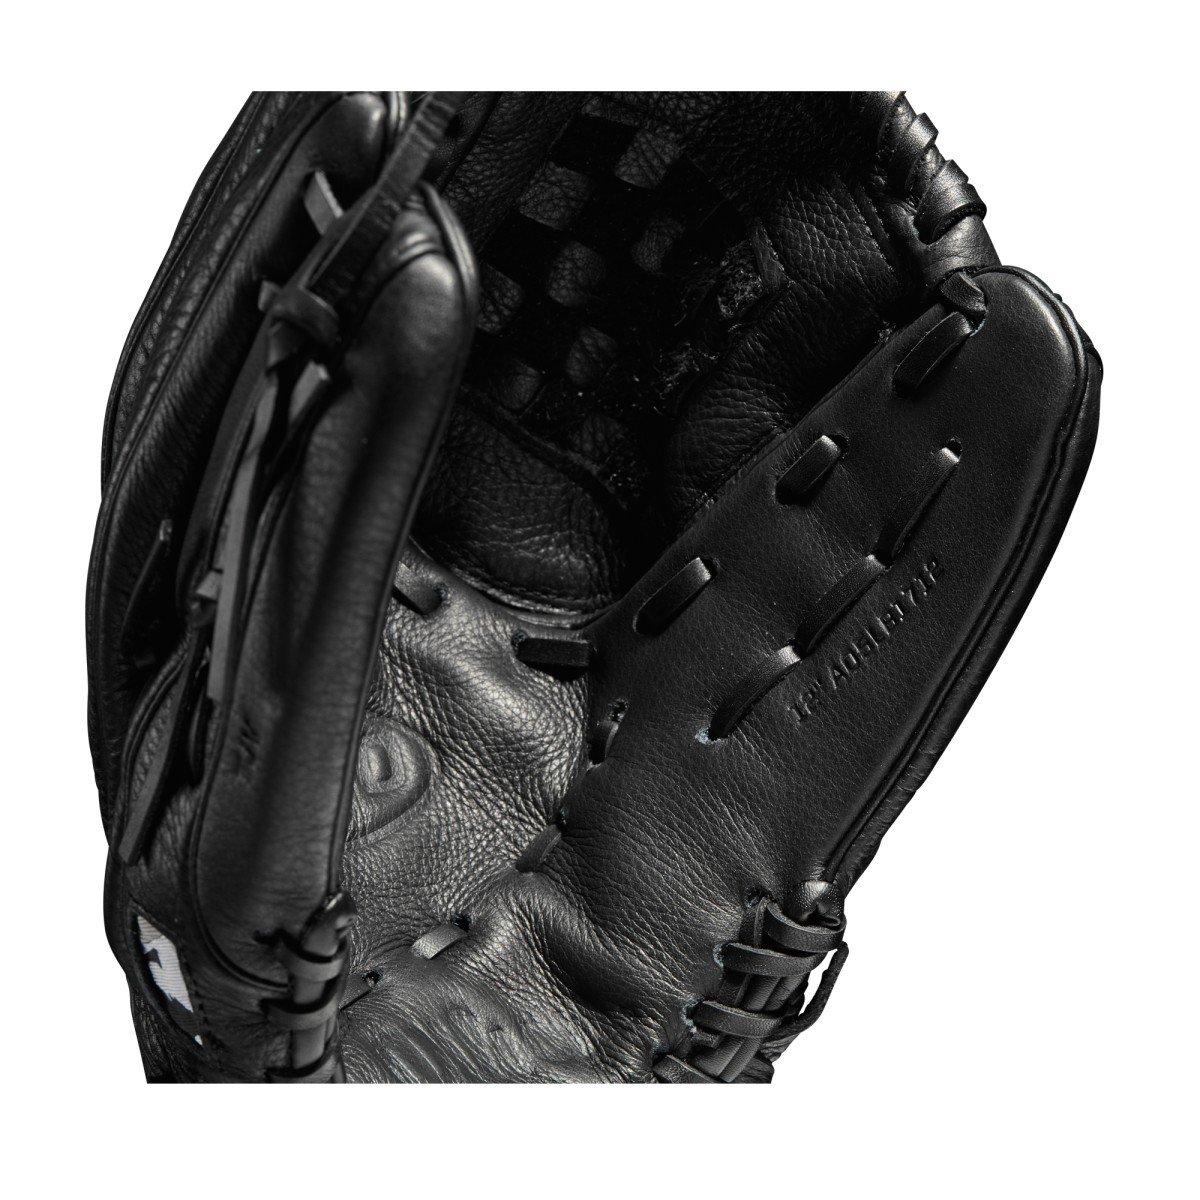 Black leather gloves on sale - Black Leather Gloves On Sale 35